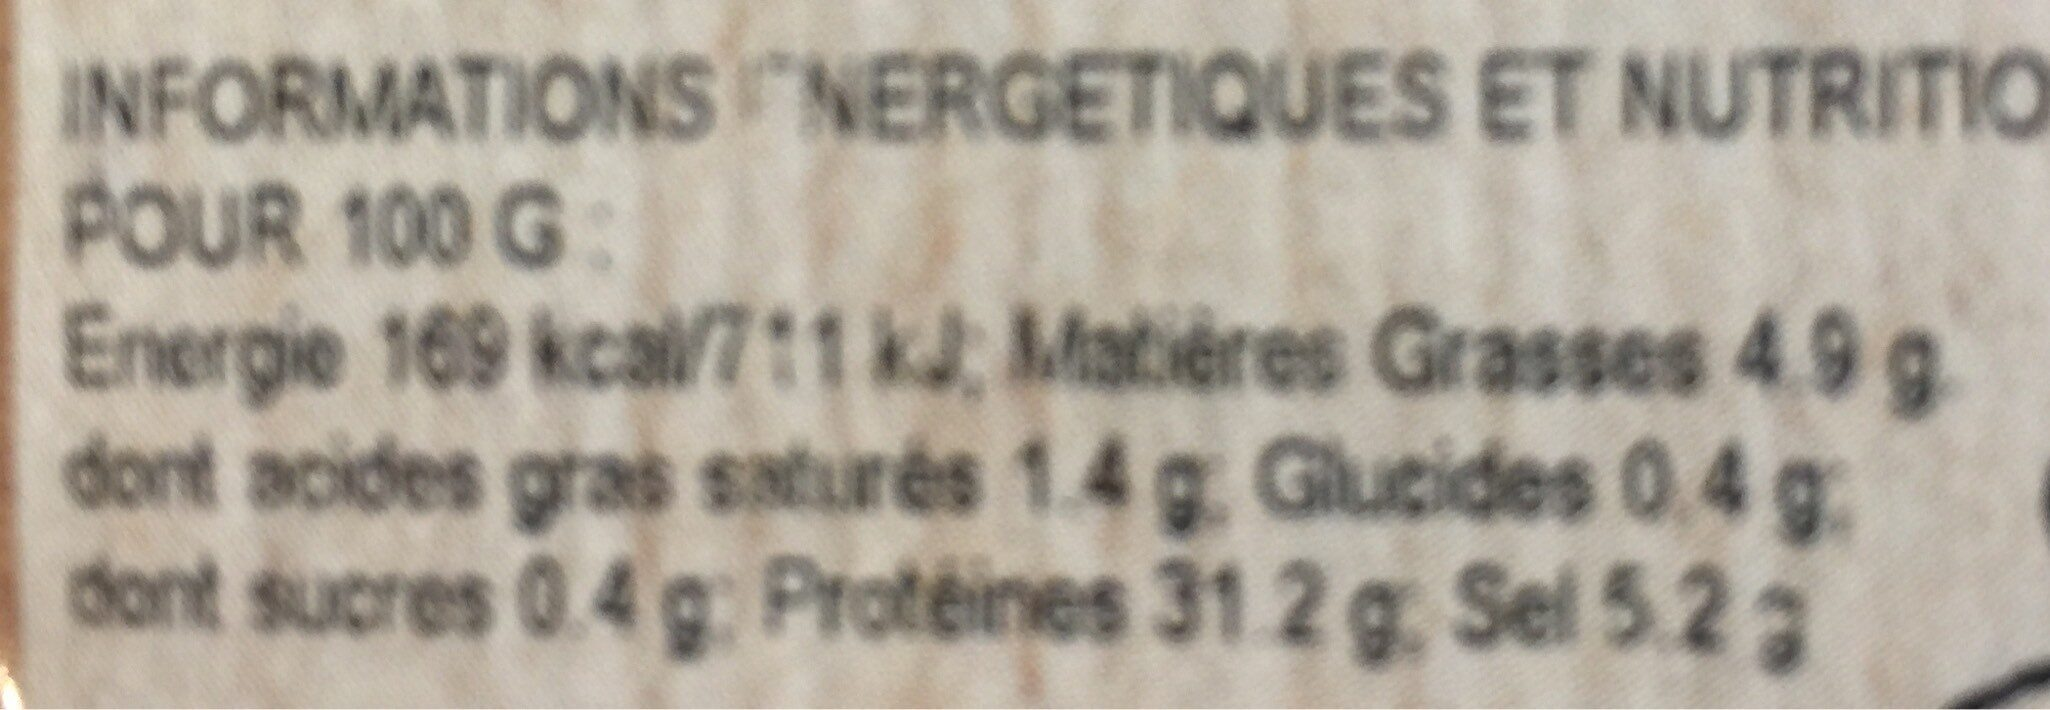 Jambon de lacaune - Informations nutritionnelles - fr